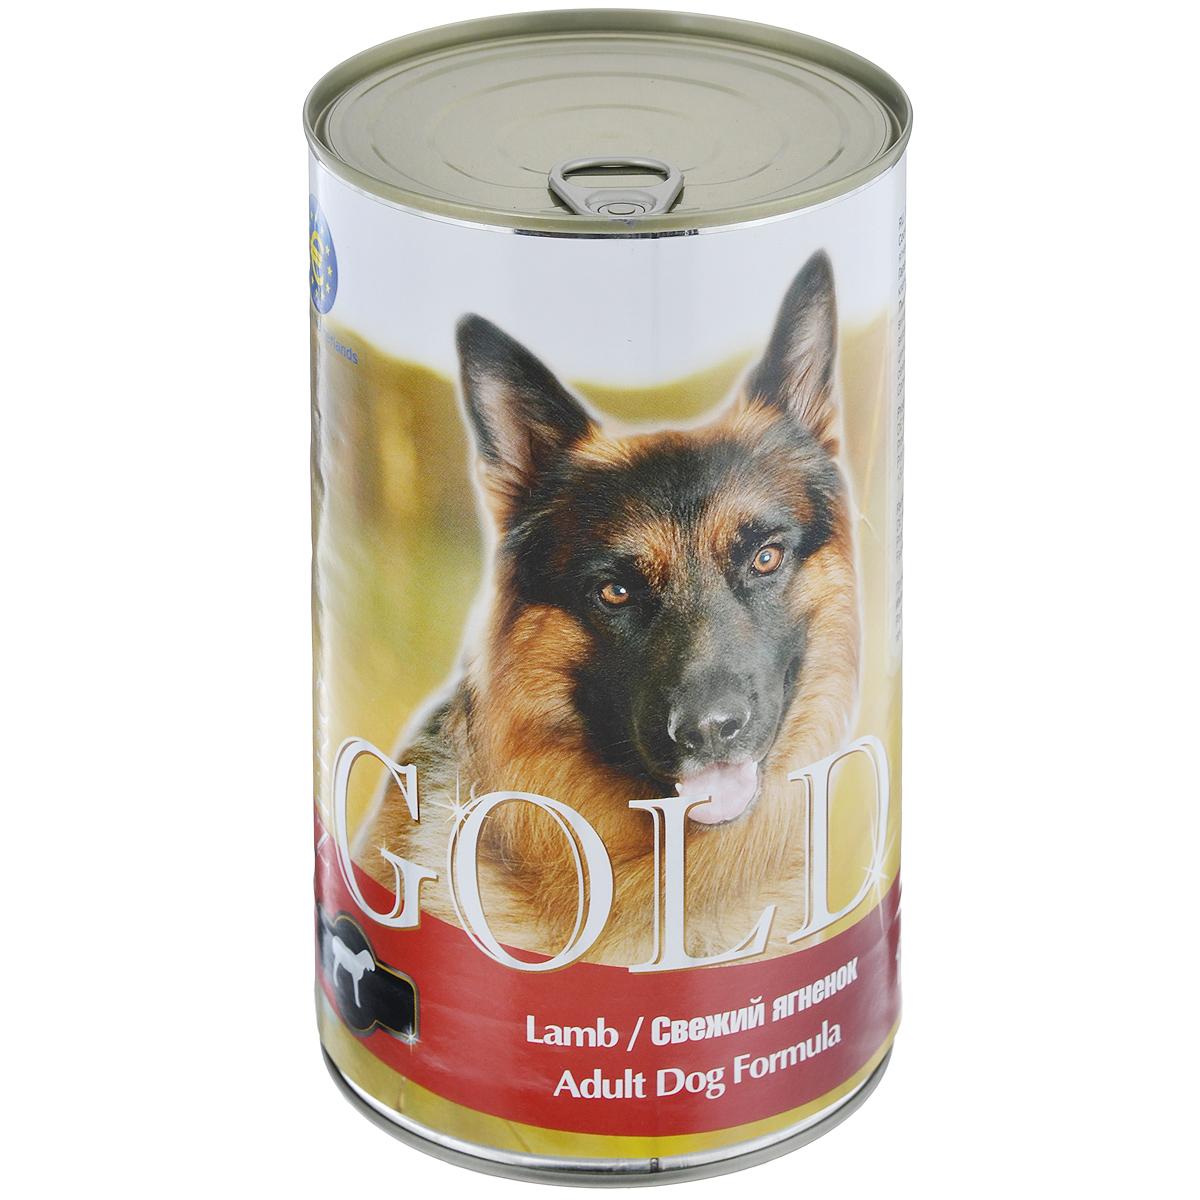 Консервы для собак Nero Gold, свежий ягненок, 1250 г10325Консервы для собак Nero Gold - полнорационный продукт, содержащий все необходимые витамины и минералы, сбалансированный для поддержания оптимального здоровья вашего питомца! Состав: мясо и его производные, филе курицы, филе ягненка, злаки, витамины и минералы. Гарантированный анализ: белки 6,5%, жиры 4,5%, клетчатка 0,5%, зола 2%, влага 81%. Пищевые добавки на 1 кг продукта: витамин А 1600 МЕ, витамин D 140 МЕ, витамин Е 10 МЕ, железо 24 мг, марганец 6 мг, цинк 15 мг, медь 1 мг, магний 200 мг, йод 0,3 мг, селен 0,2 мг.Вес: 1250 г. Товар сертифицирован.